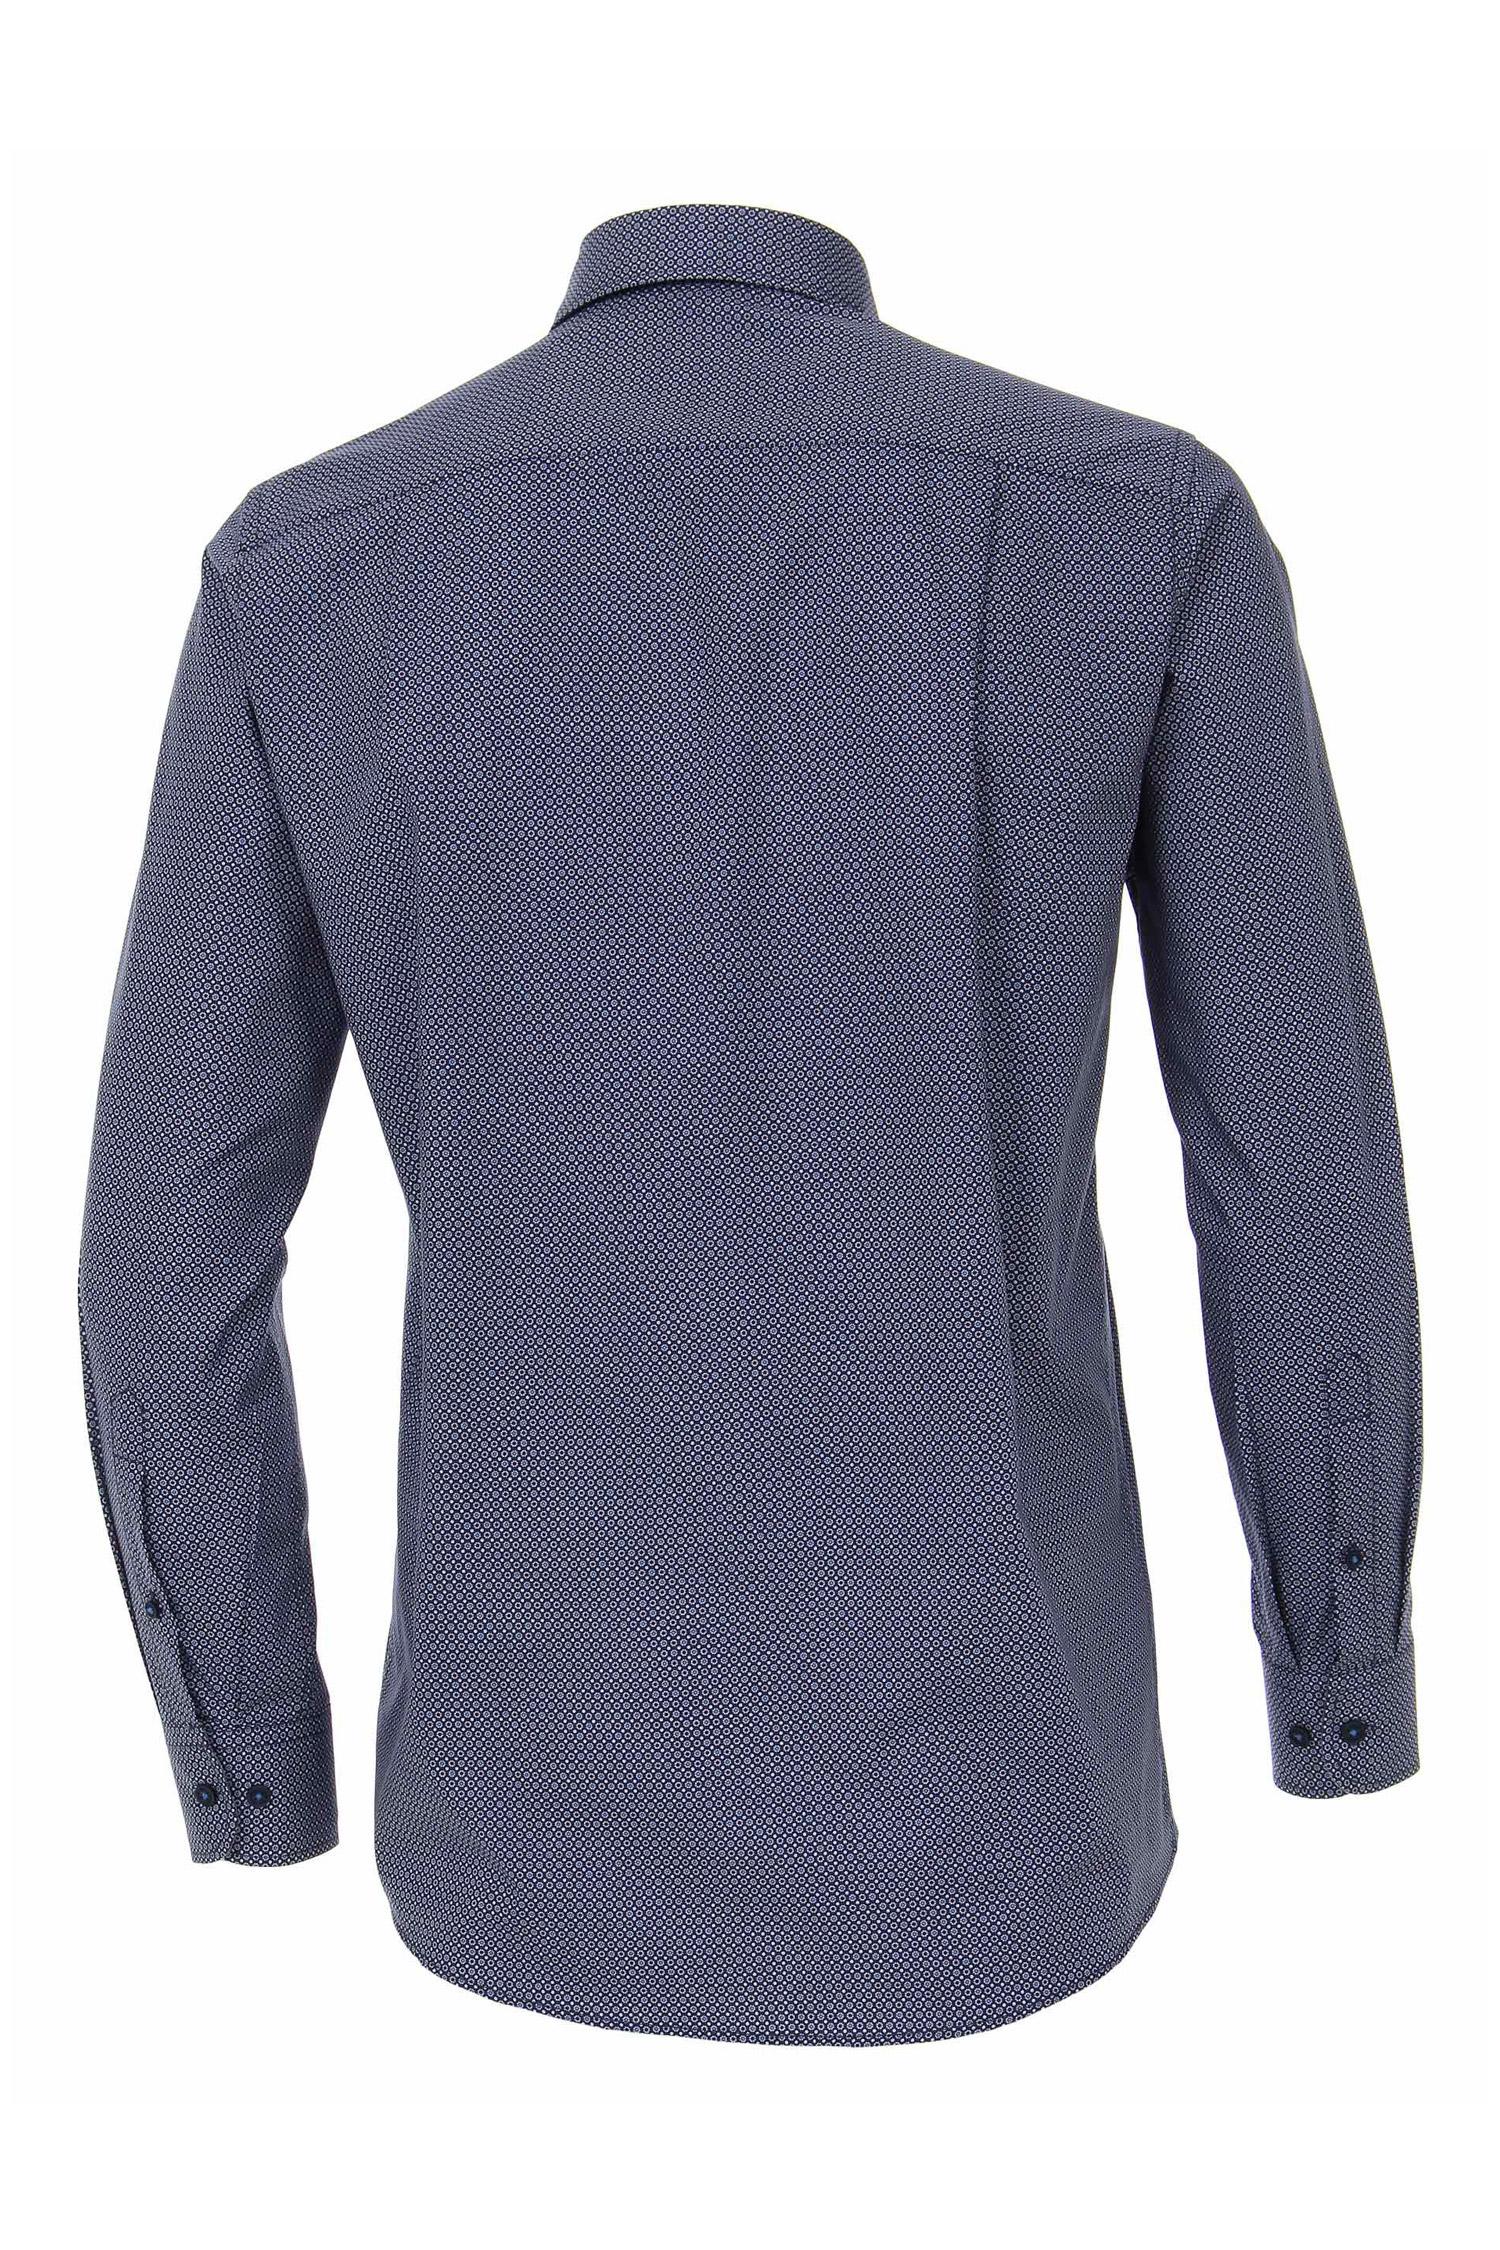 Camisas, Sport Manga Larga, 109862, DUCADOS | Zoom